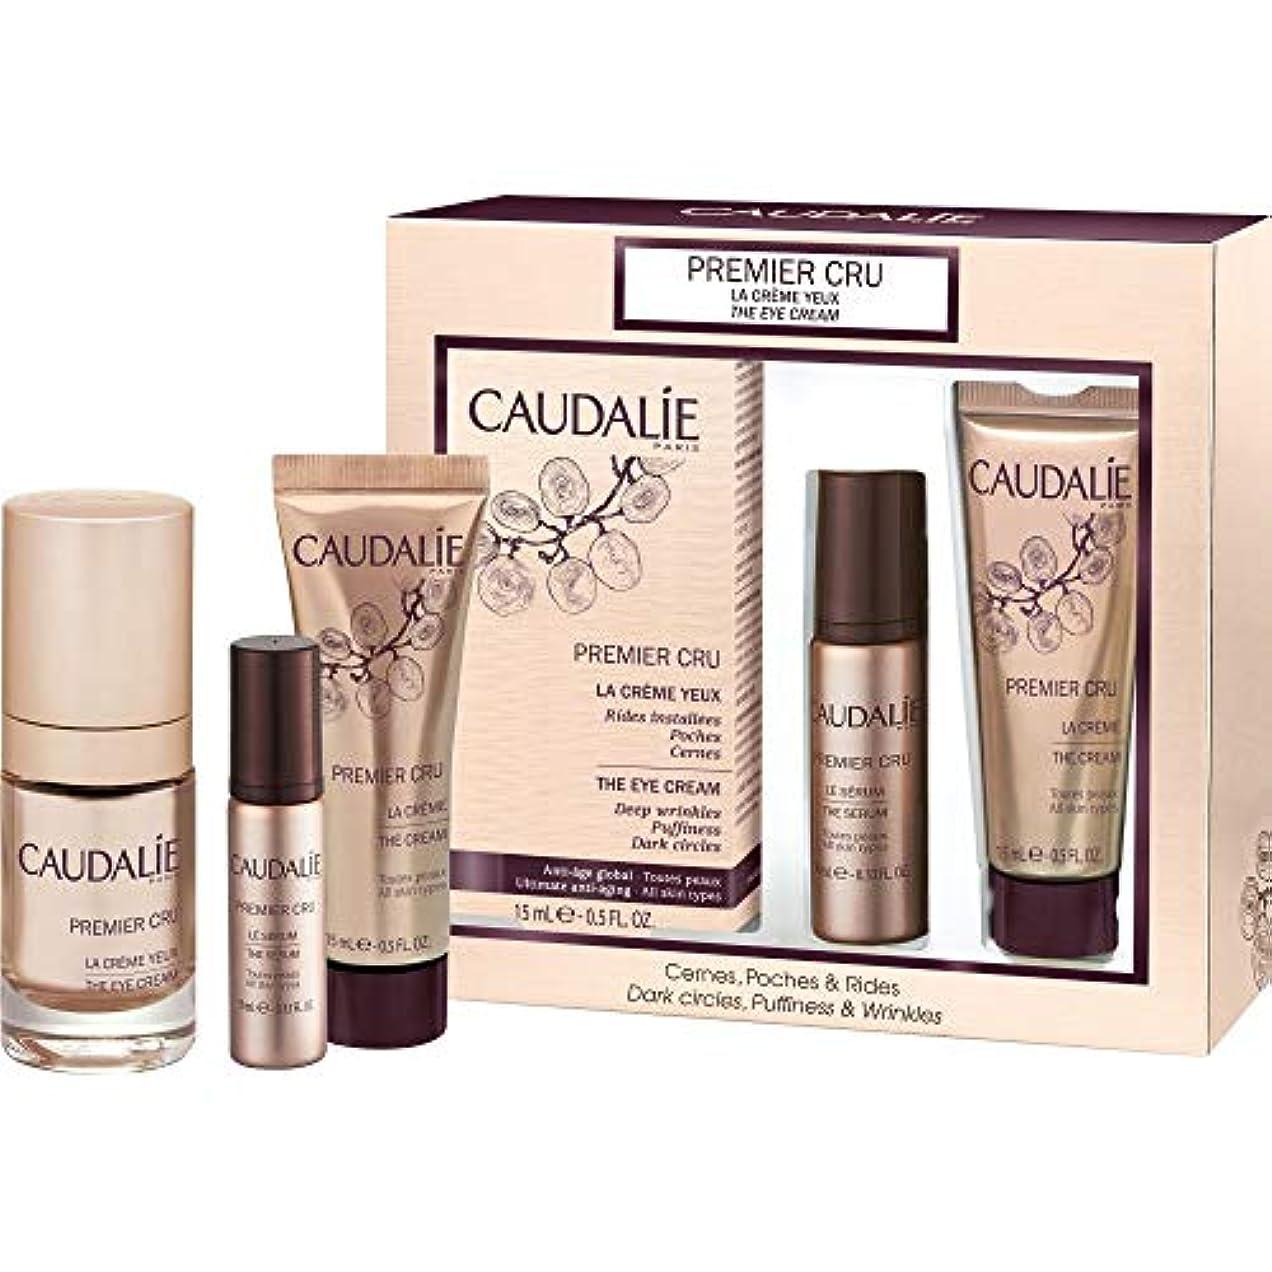 雇った同等のサリー[Caudalie] コーダリープレミアは、アイクリーム15ミリリットルのギフトセットをCru - Caudalie Premier Cru The Eye Cream 15ml Gift Set [並行輸入品]